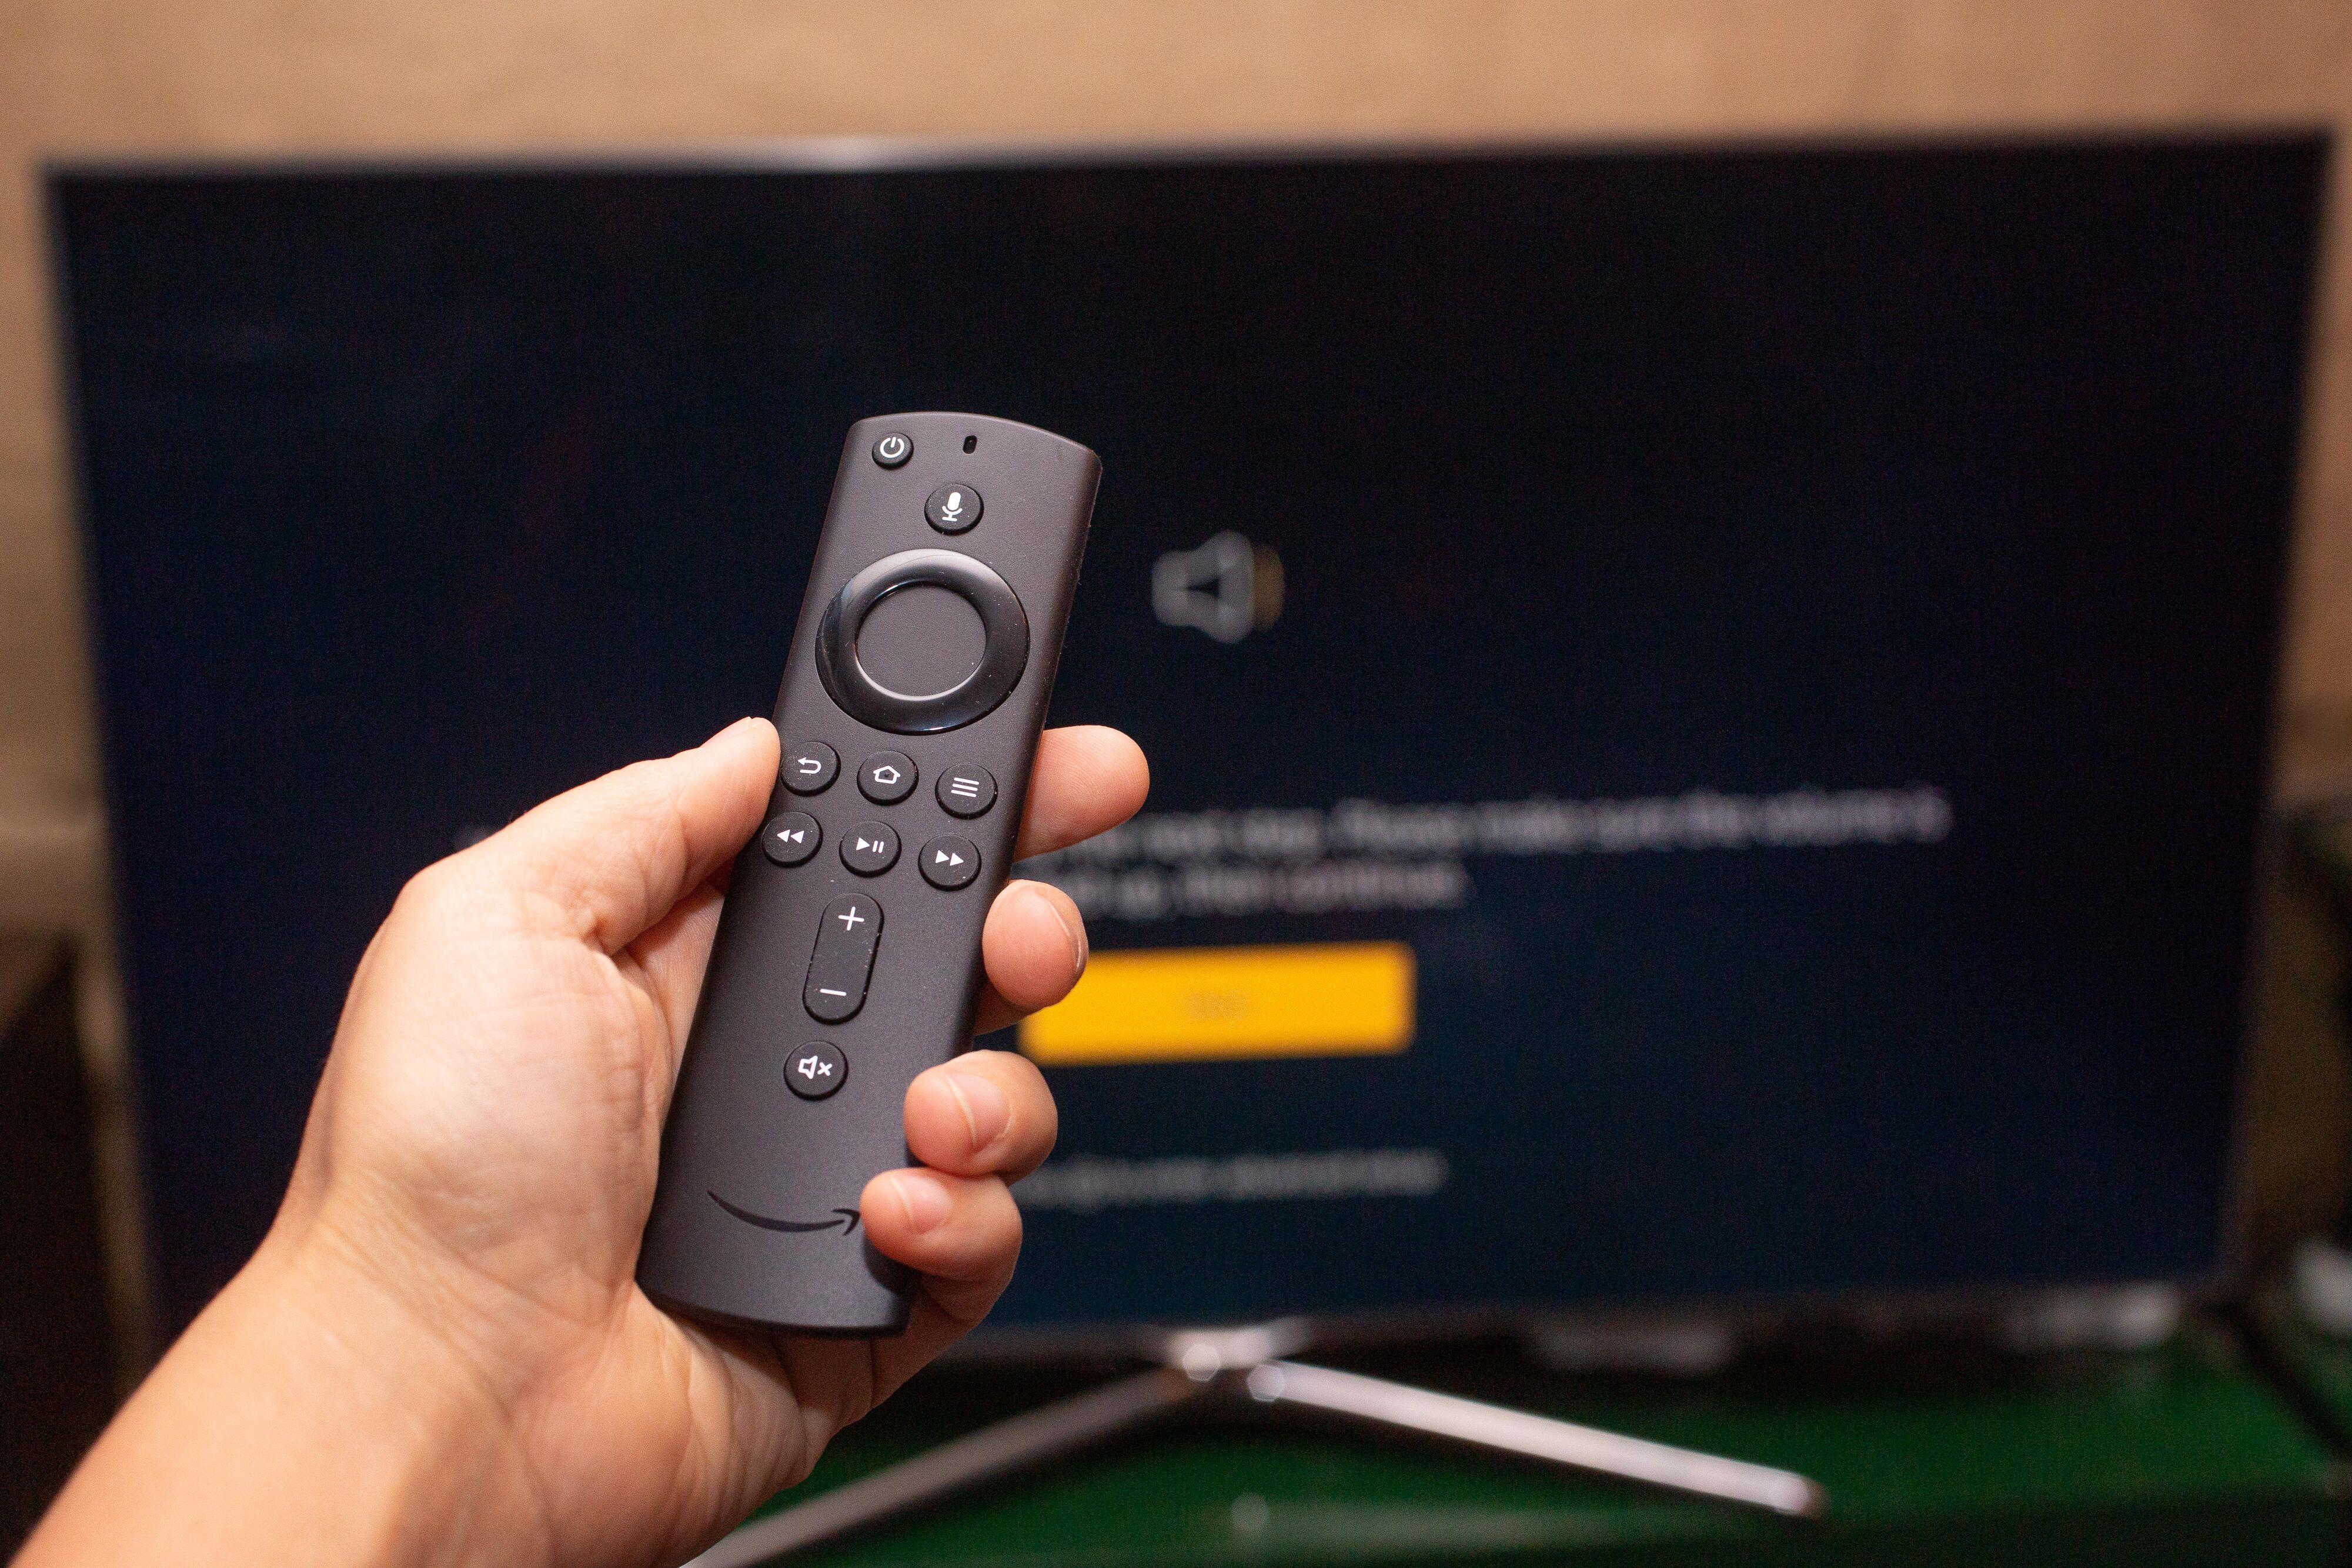 043-Amazon Fire Stick-TV & Fire Stick-Lite-Menu Screen-2020